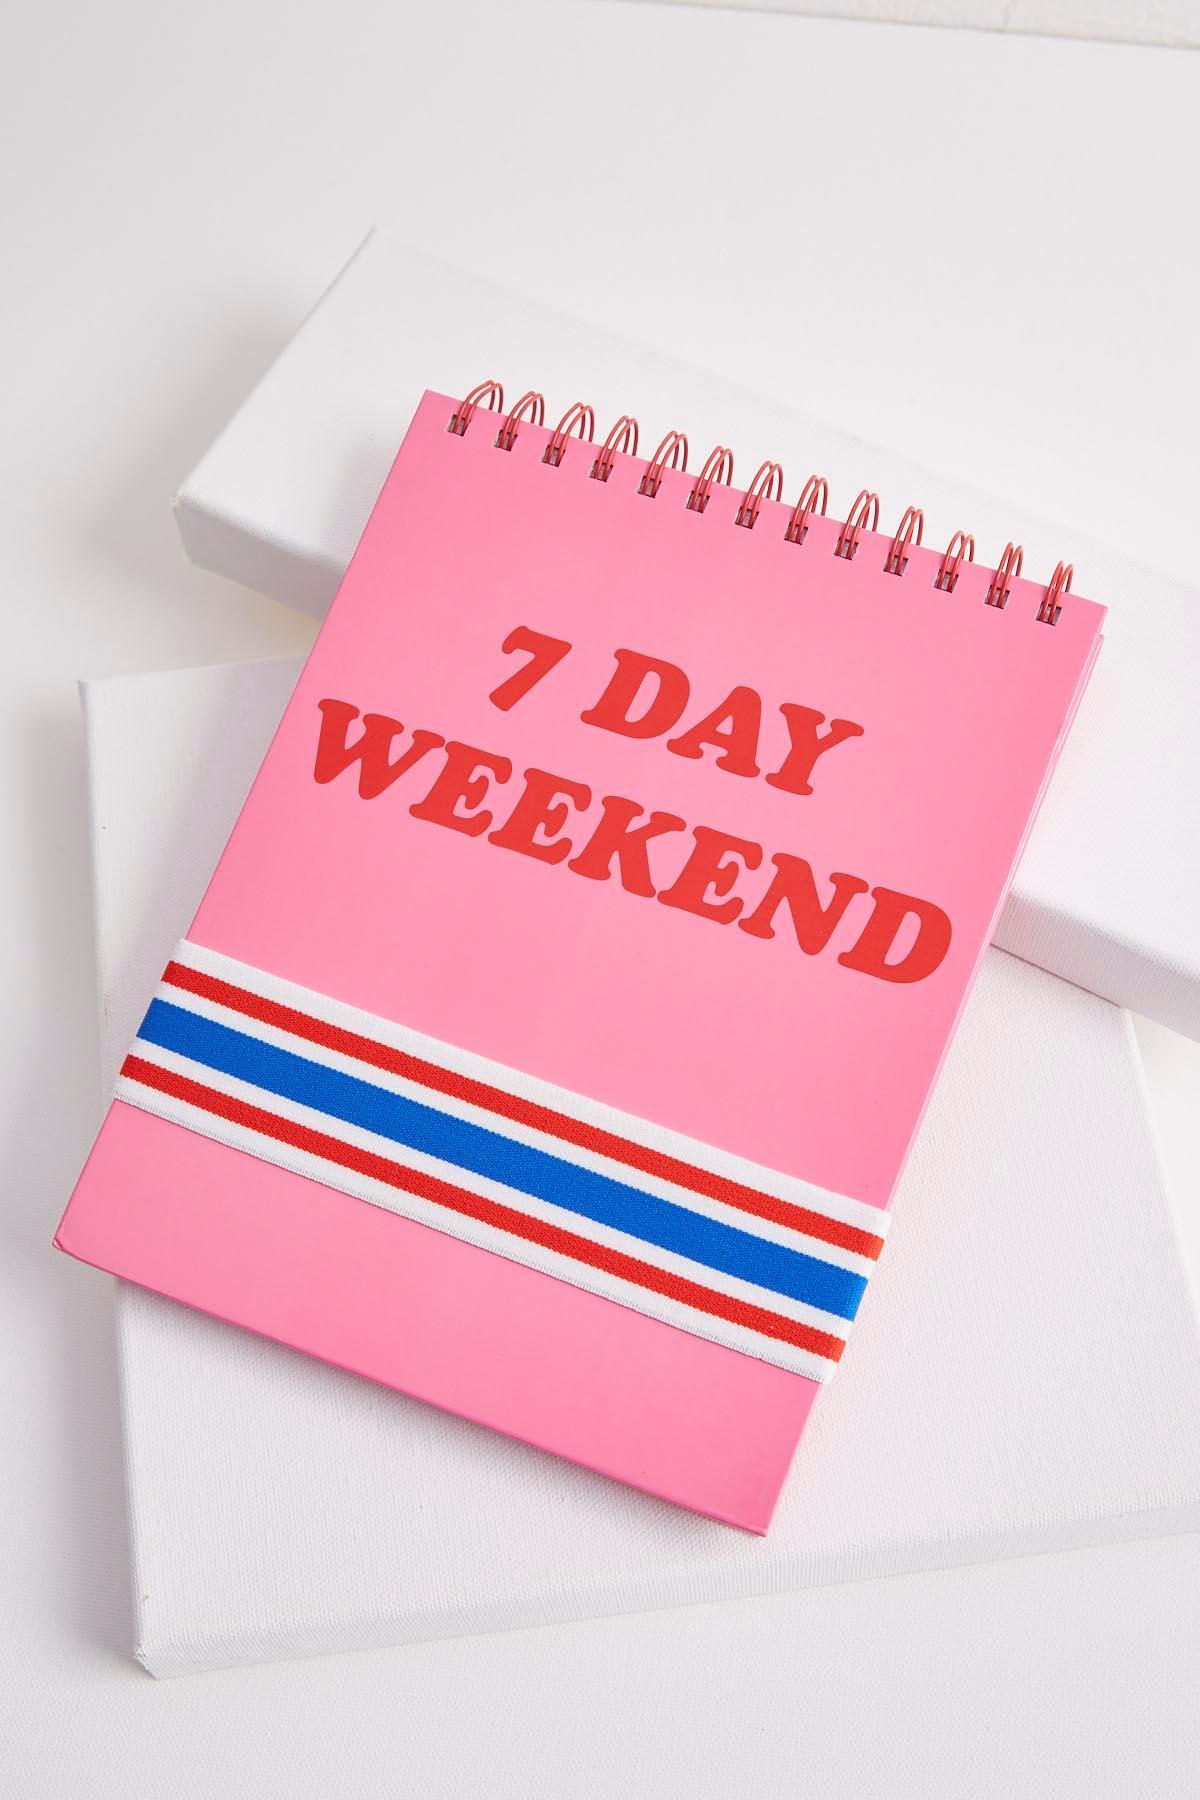 7 Day Weekend Spiral Notebook